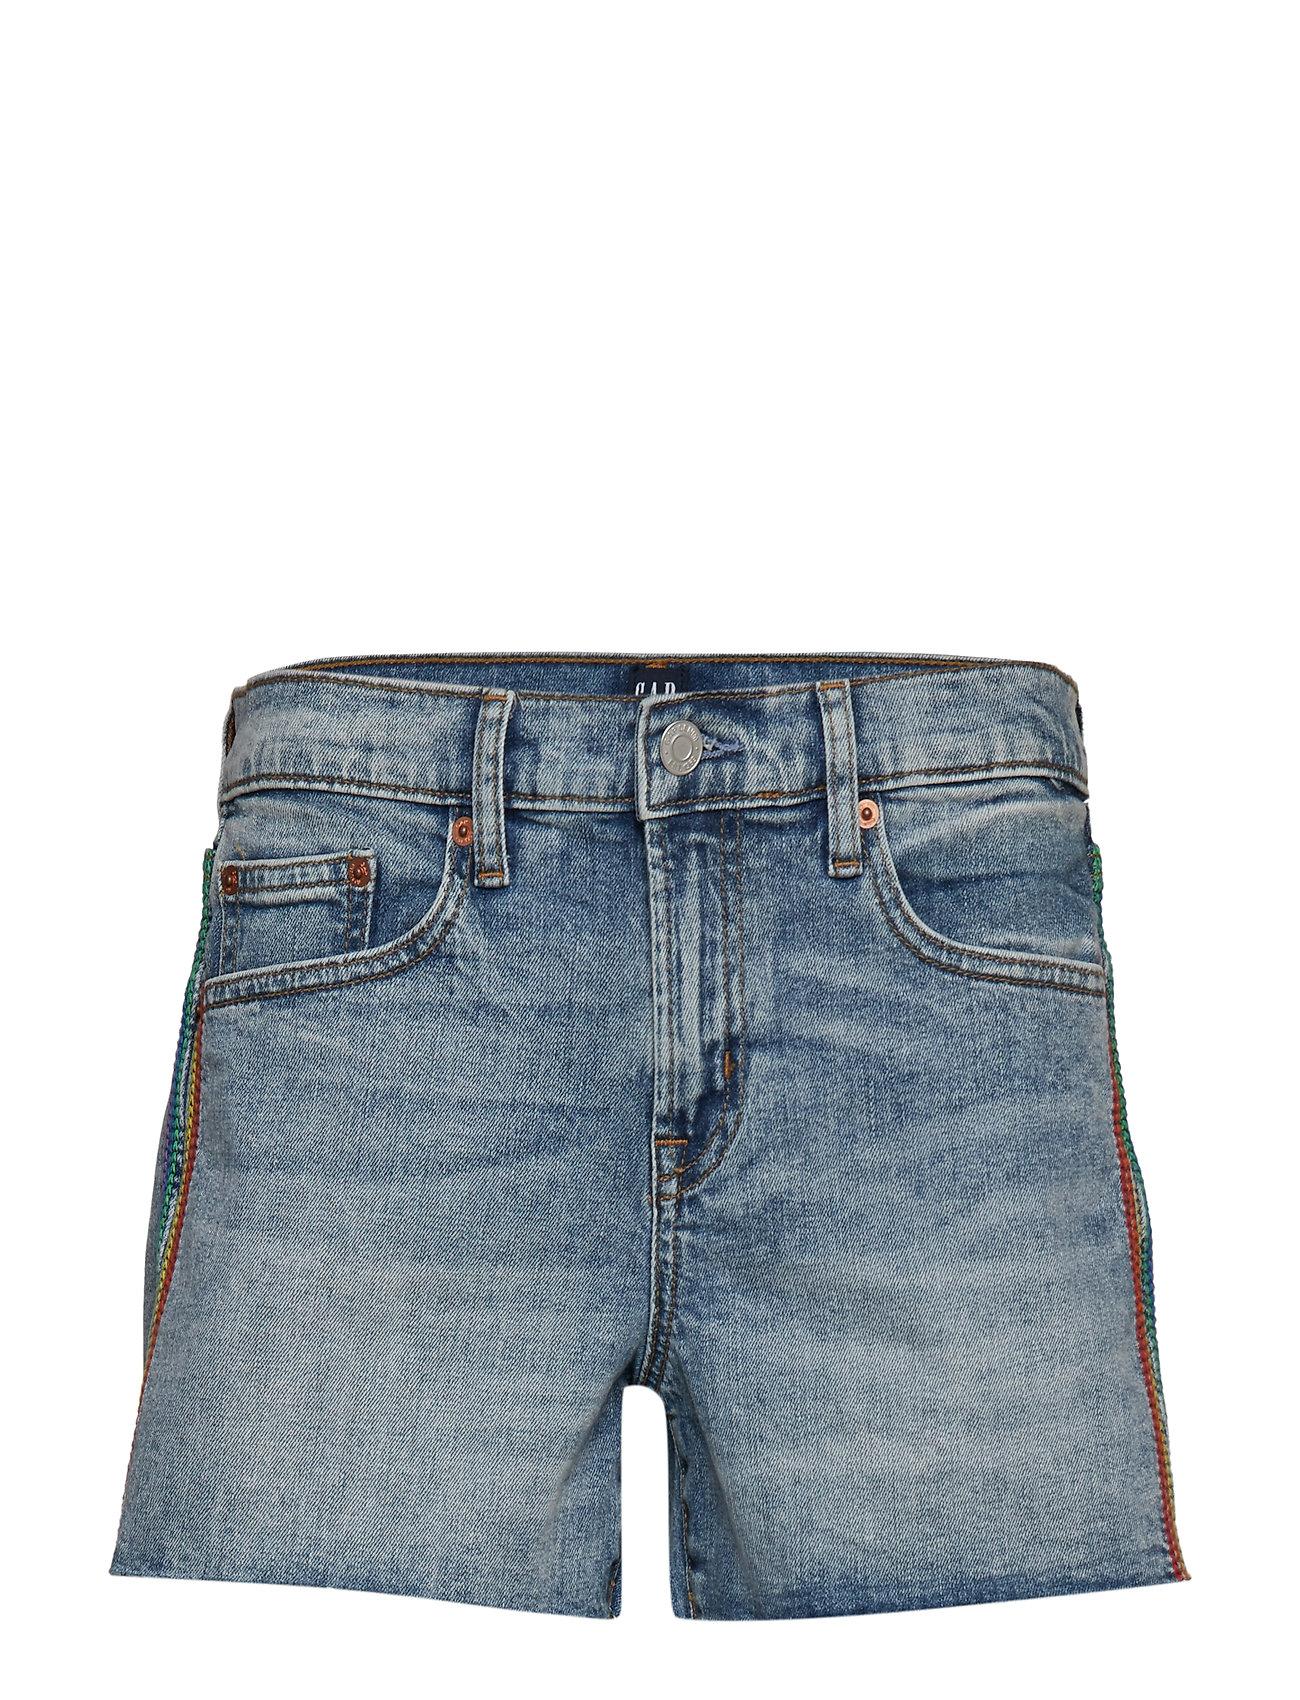 """GAP Gap + Pride Mid Rise 3"""" Embroidered Denim Shorts - MEDIUM INDIGO 8"""